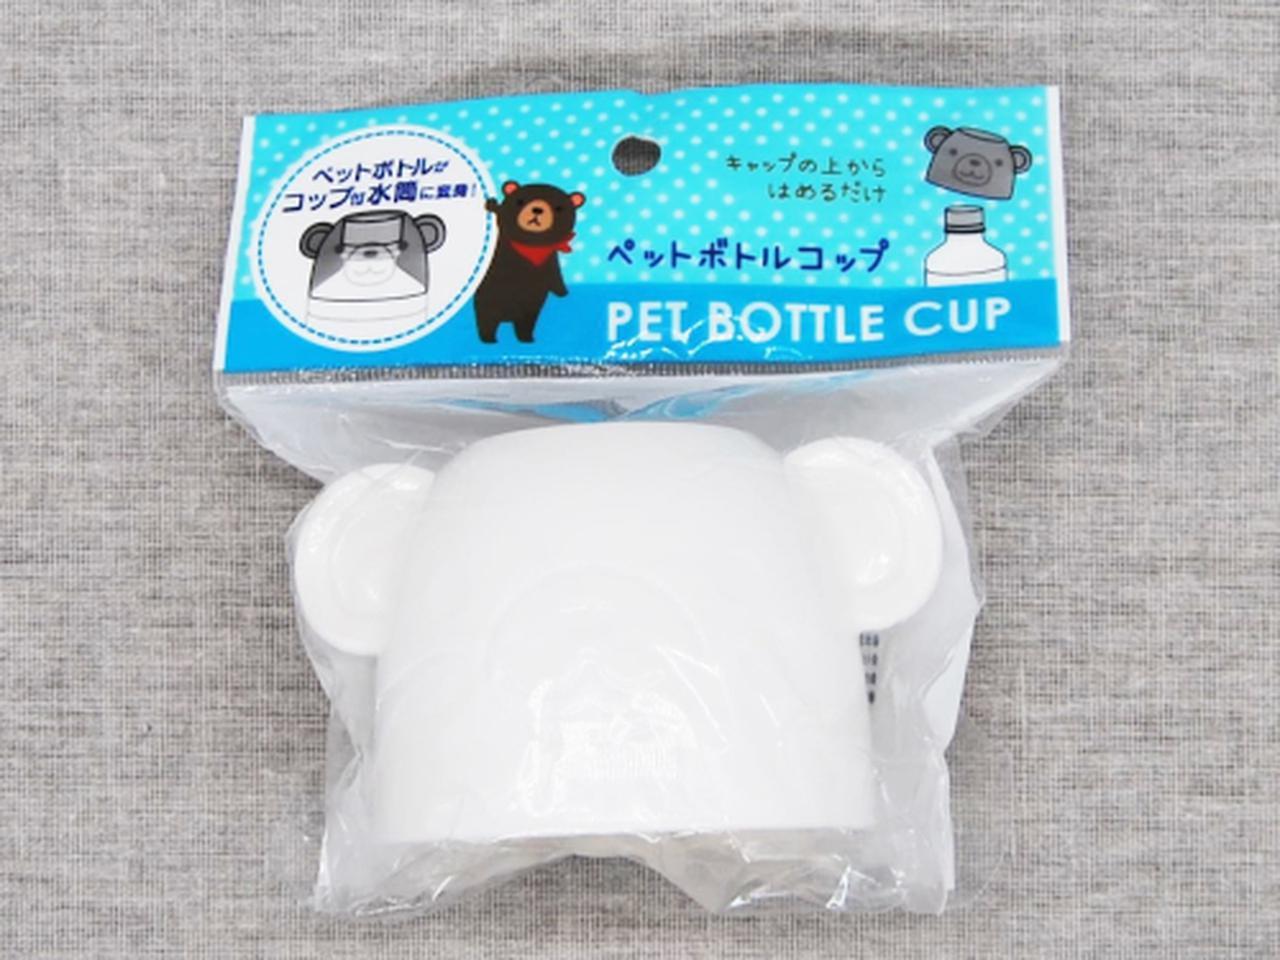 画像: クマの形をしたペットボトル用コップ